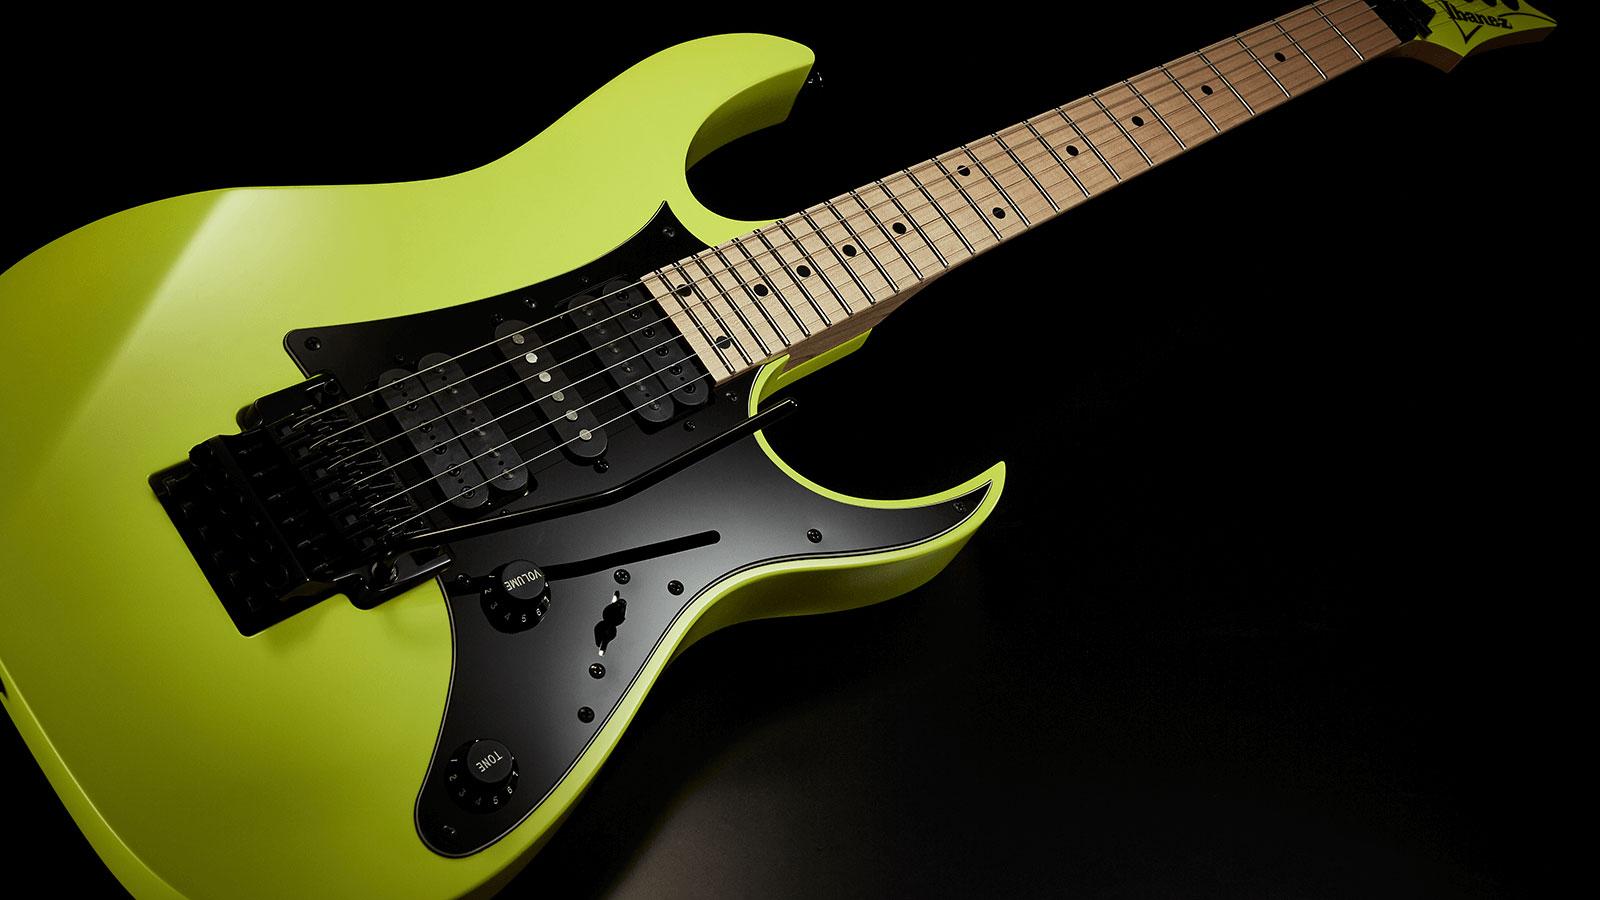 Cách vệ sinh đàn guitar đúng tiêu chuẩn